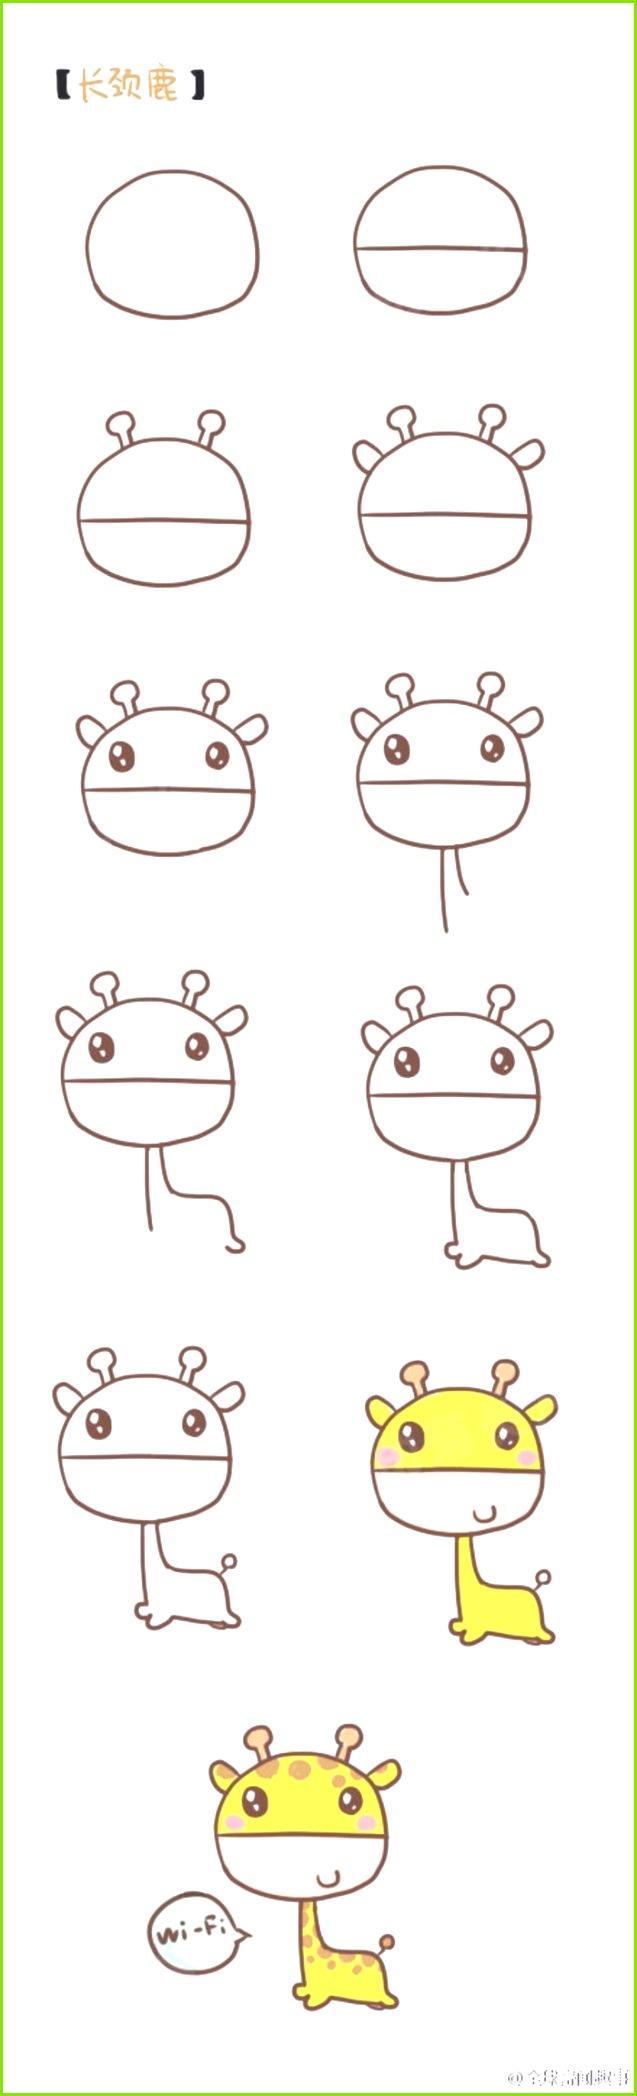 Baby Giraffe Zeichnen LernenZeichnen Für Anfänger ic Baby Giraffe – ic Zeichnen Vorlagen